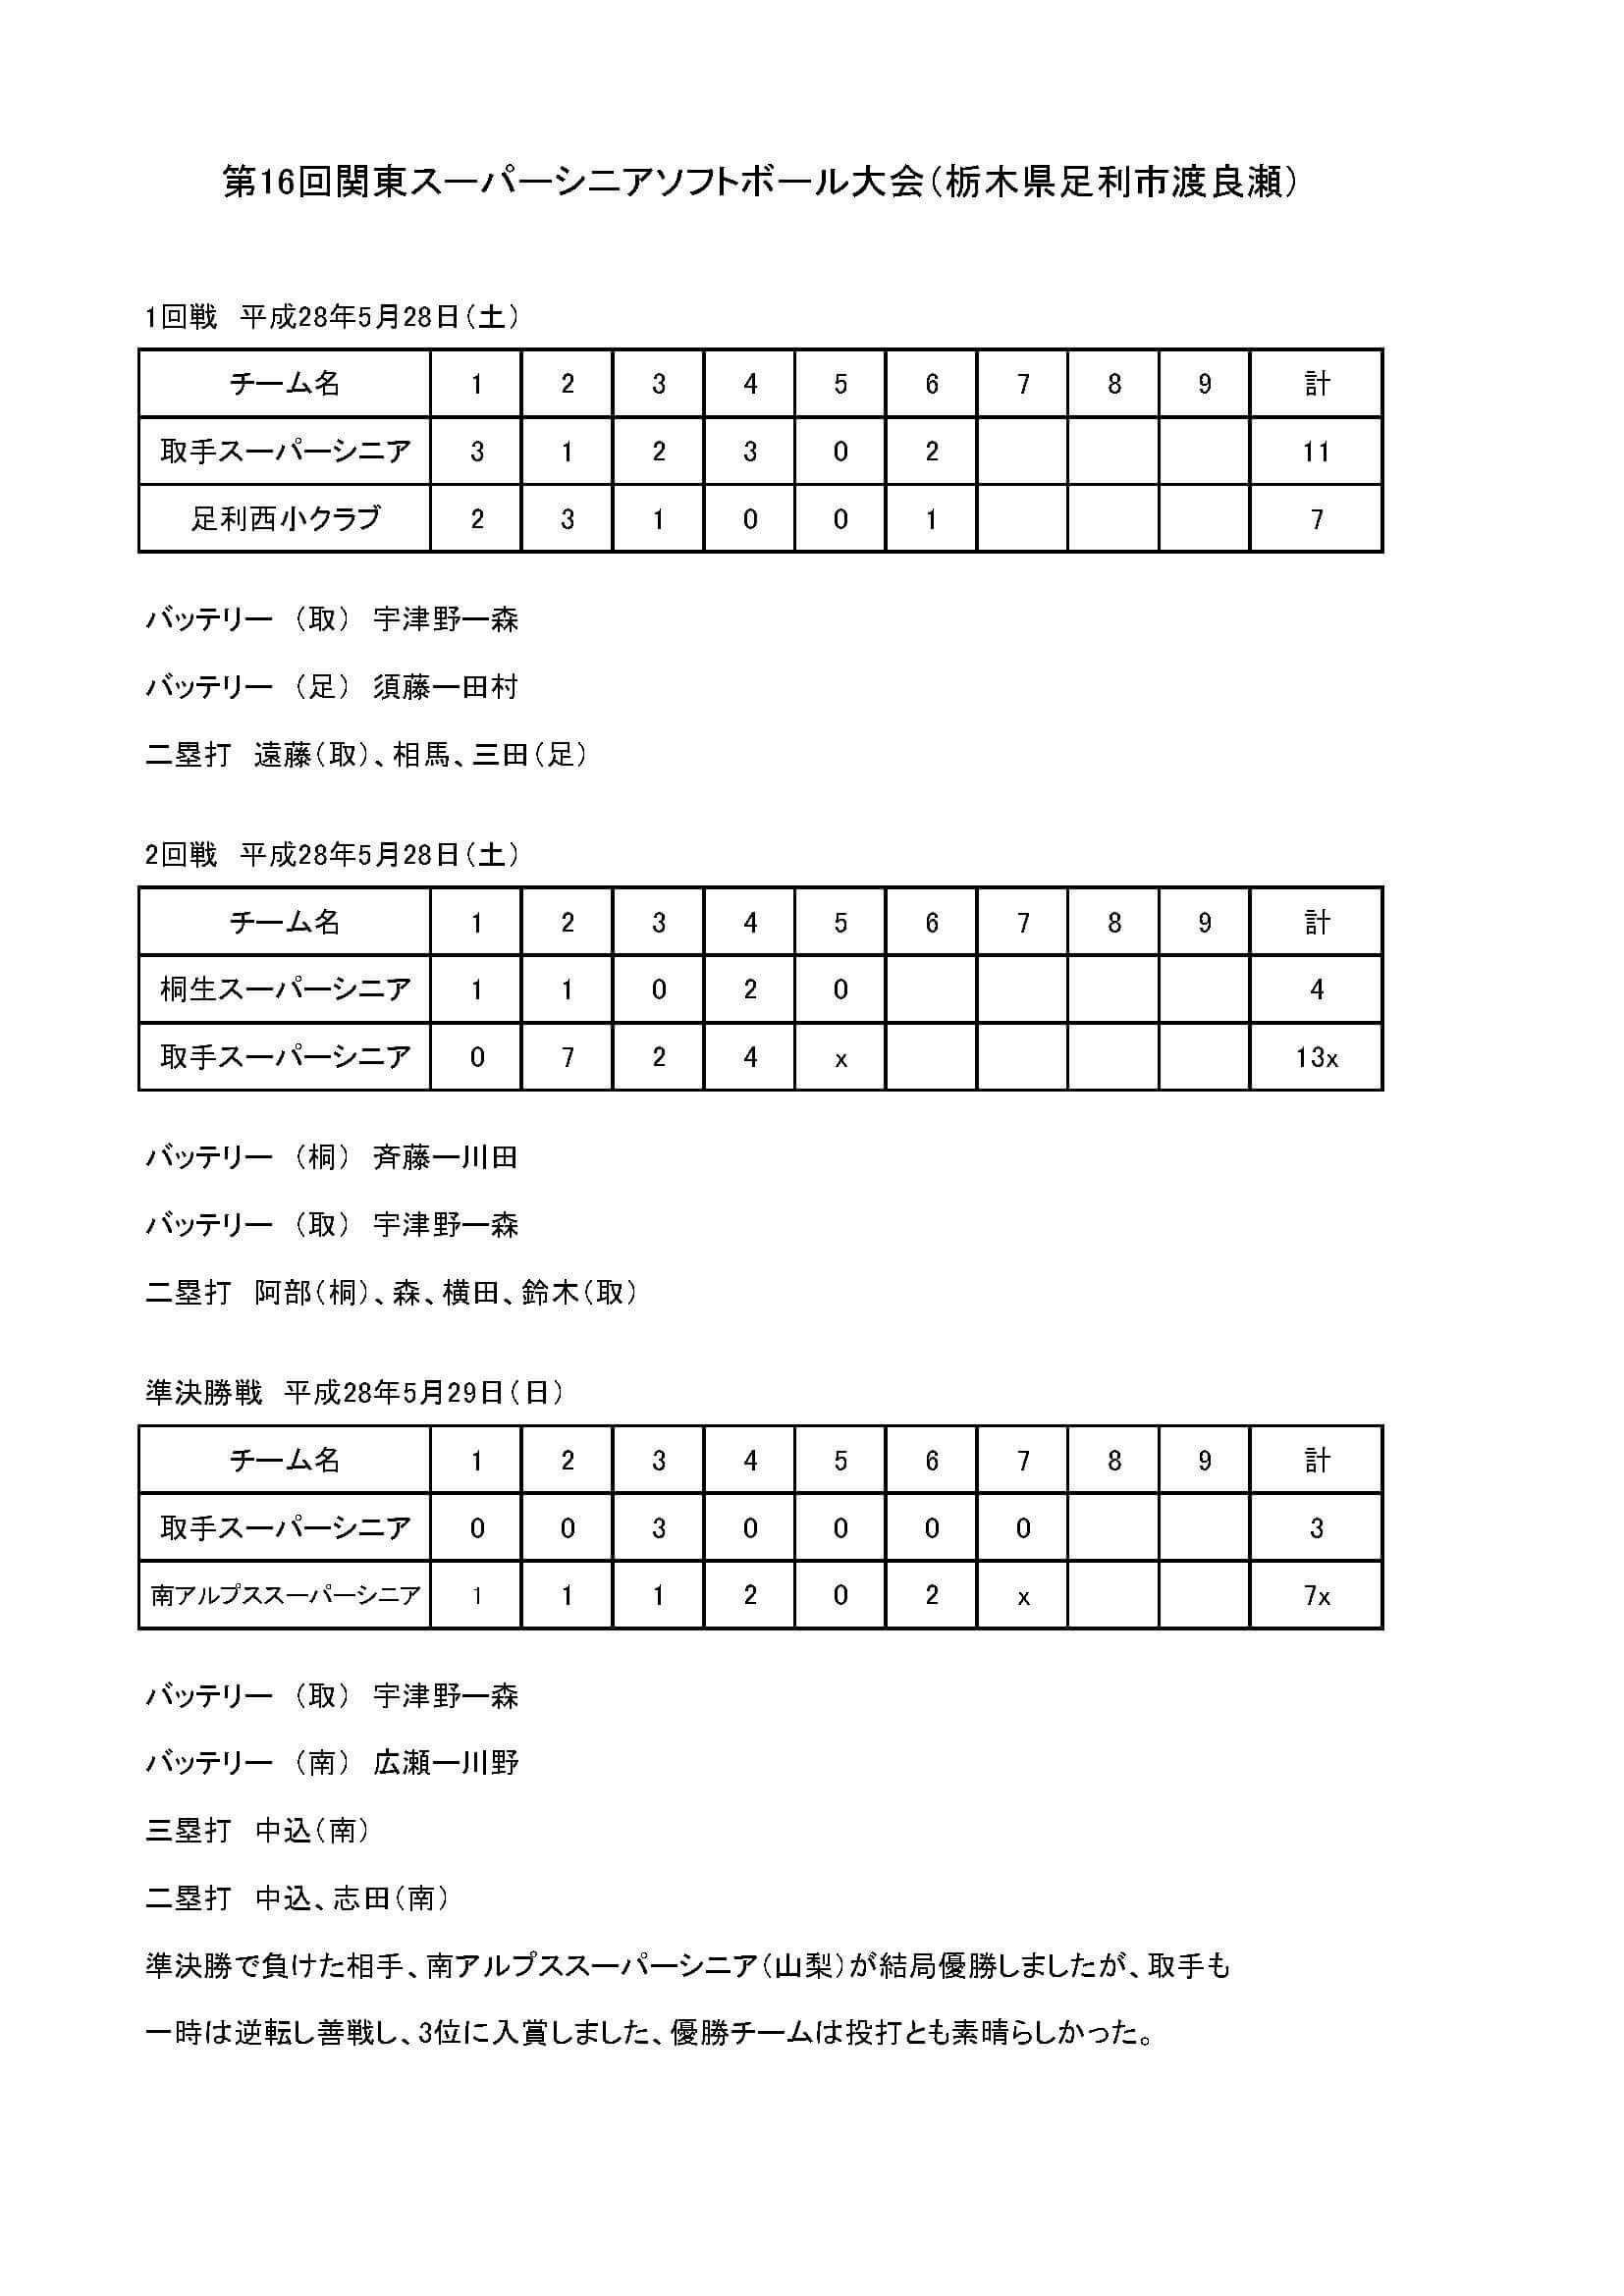 第16回関東スーパーシニアソフトボール大会試合結果